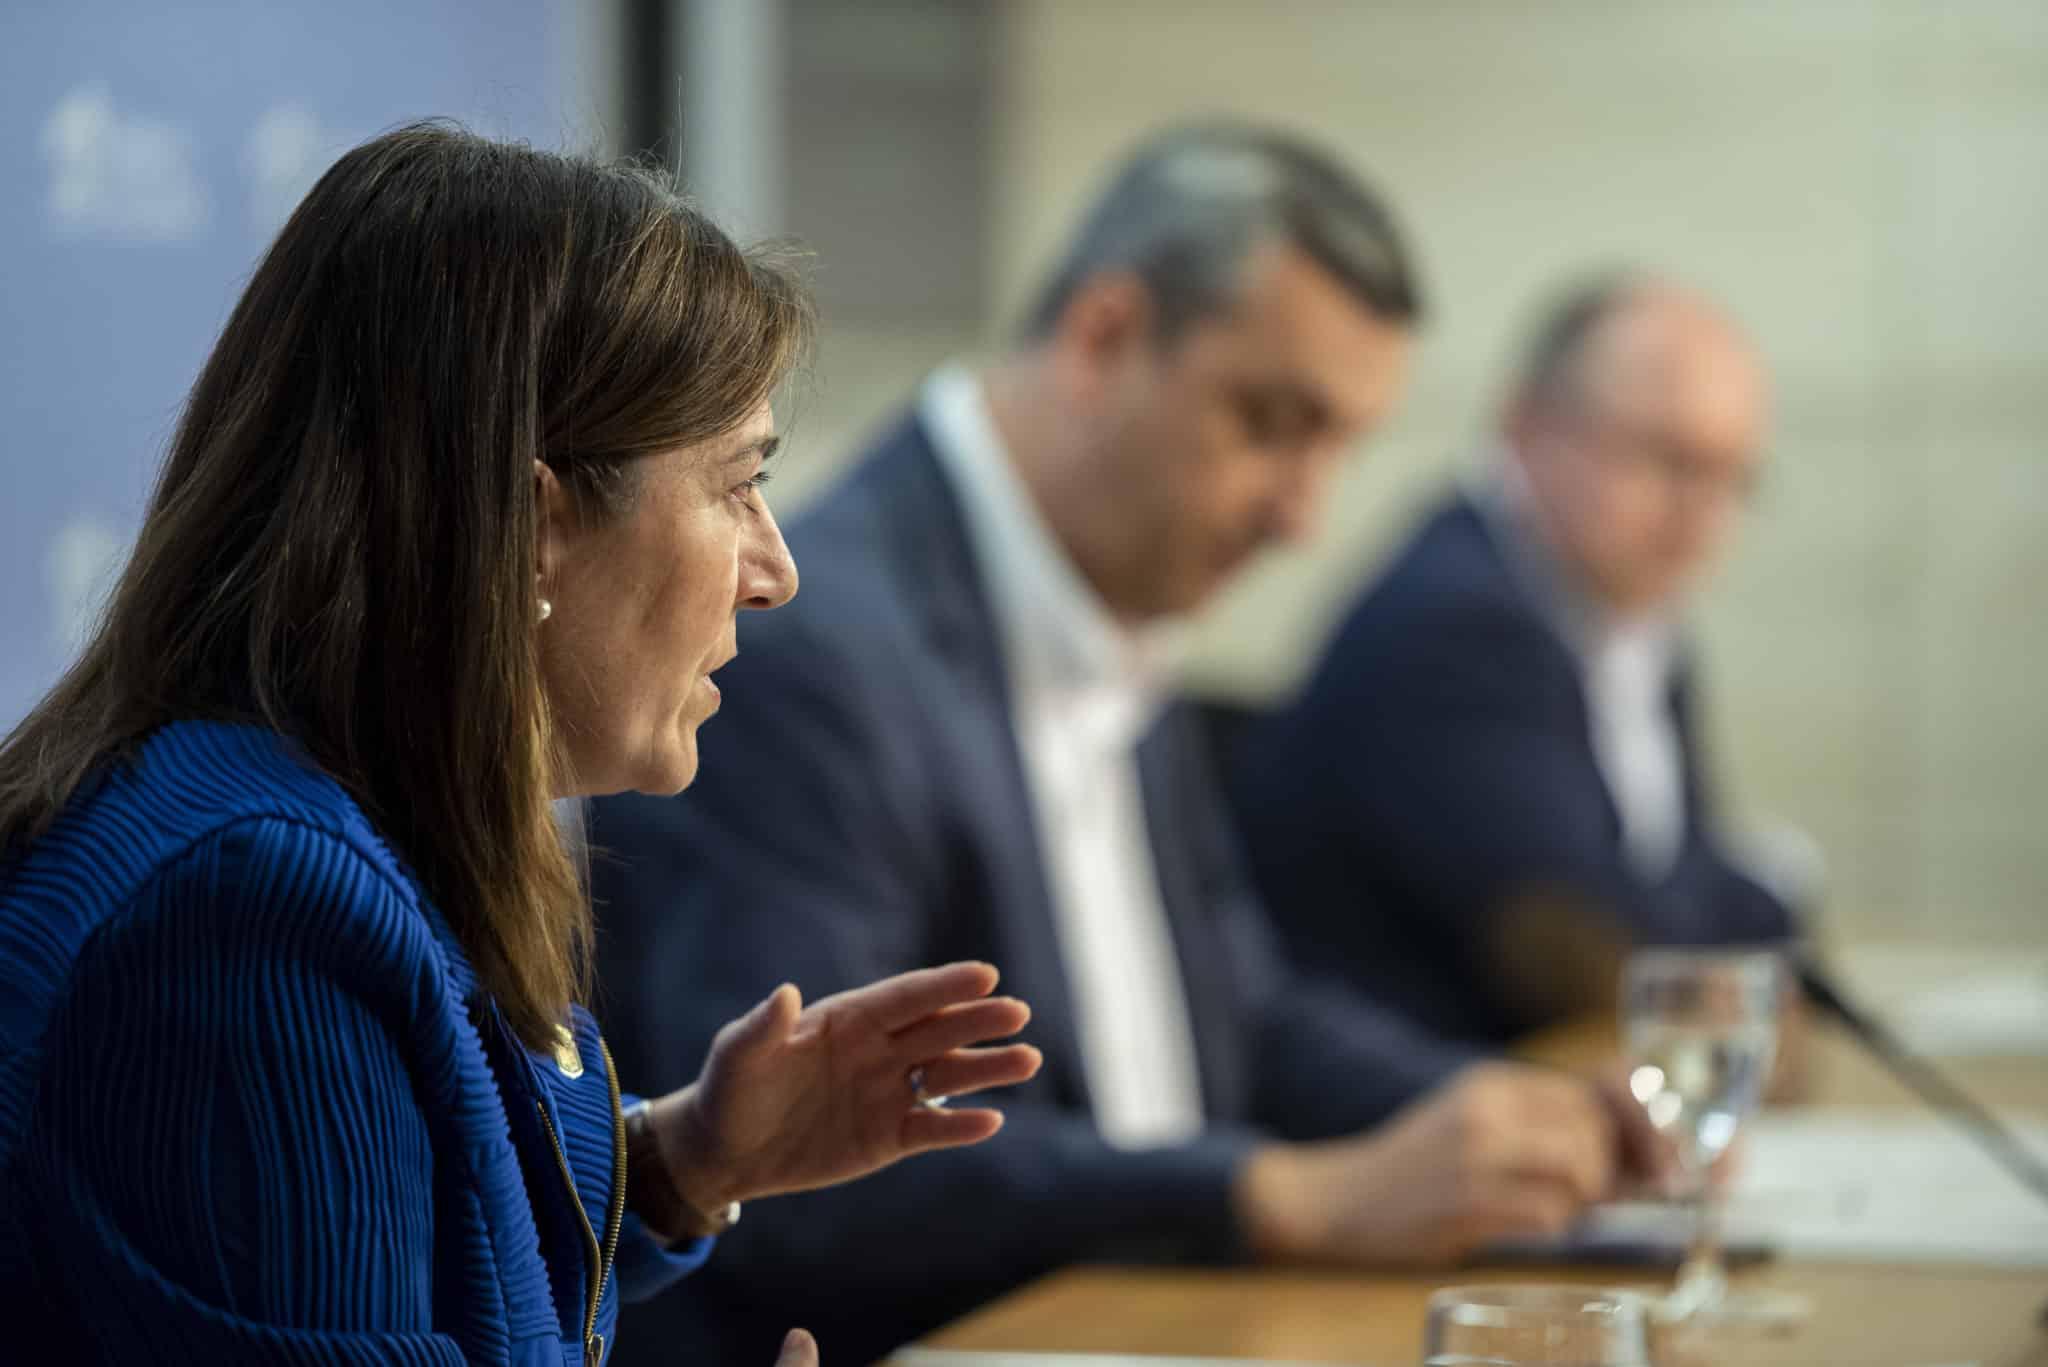 La Rioja ofrece un decálogo para cuidar la salud mental y emocional de todos los ciudadanos durante el Estado de Alarma 2